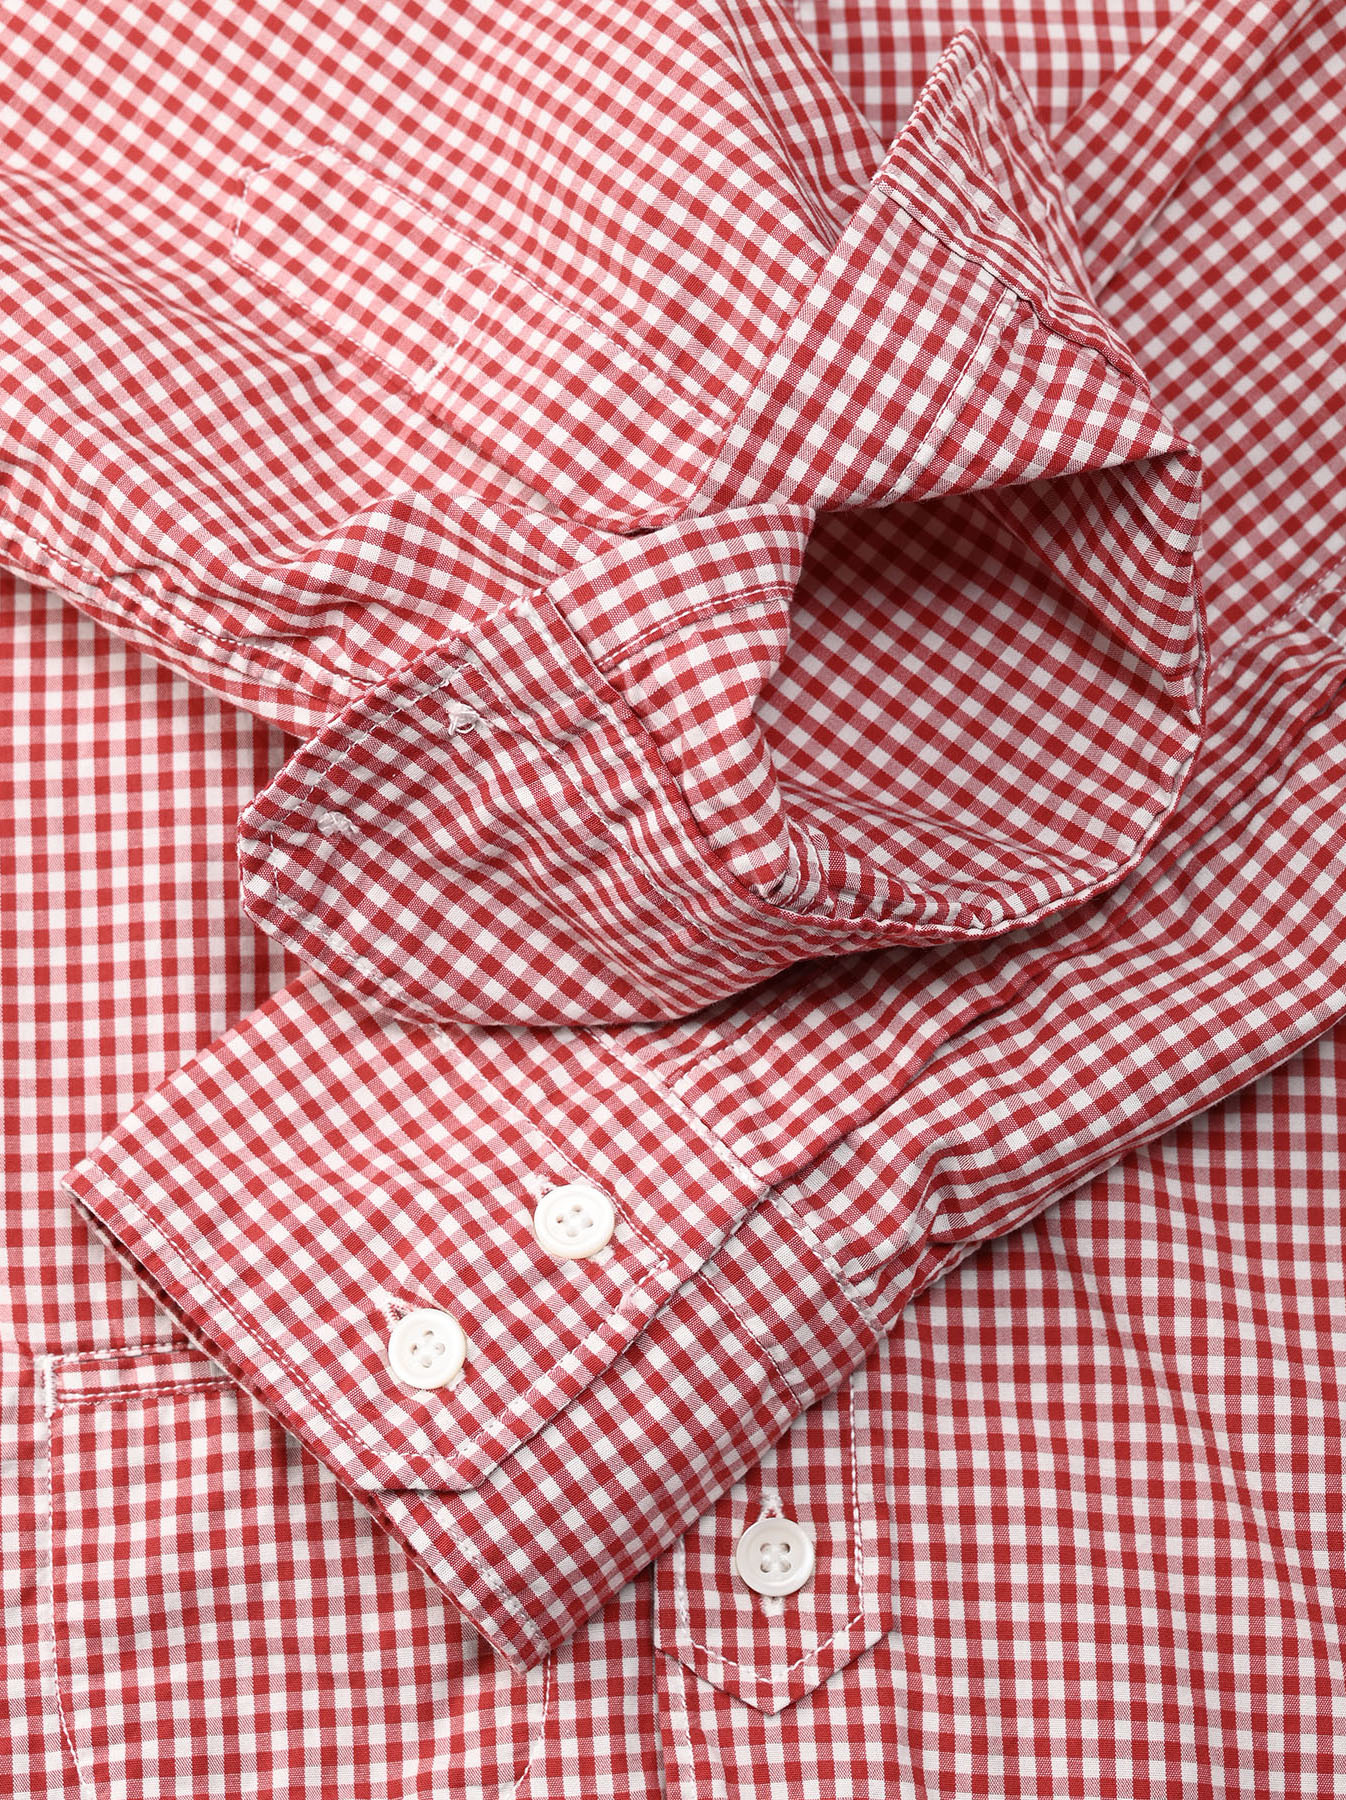 Damp 908 Stand Ocean Shirt(0721)-10